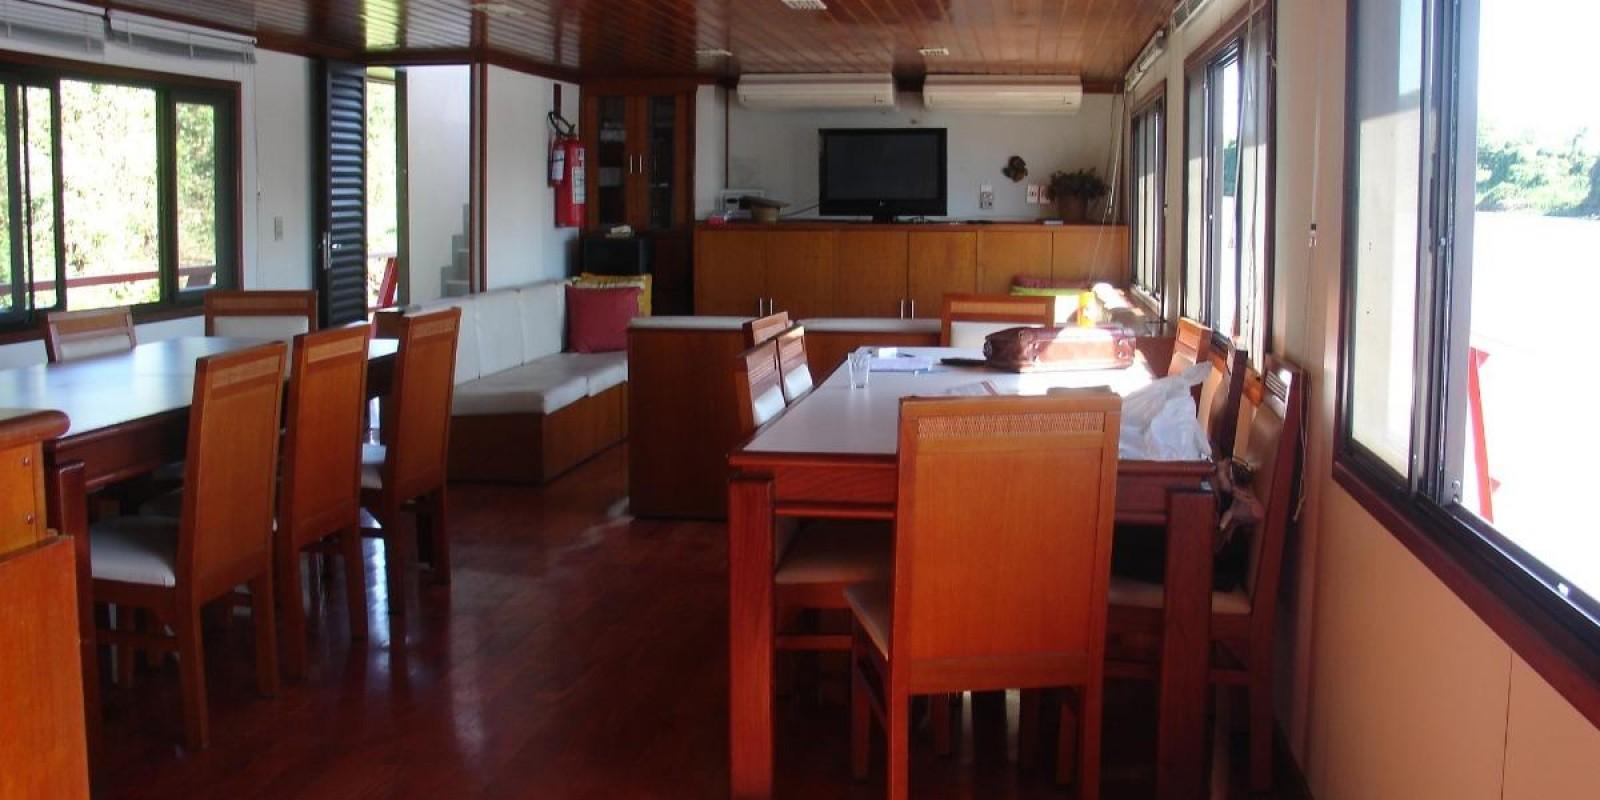 Barco Xaraies - Porto Murtinho - 16 pessoas - Foto 2 de 14